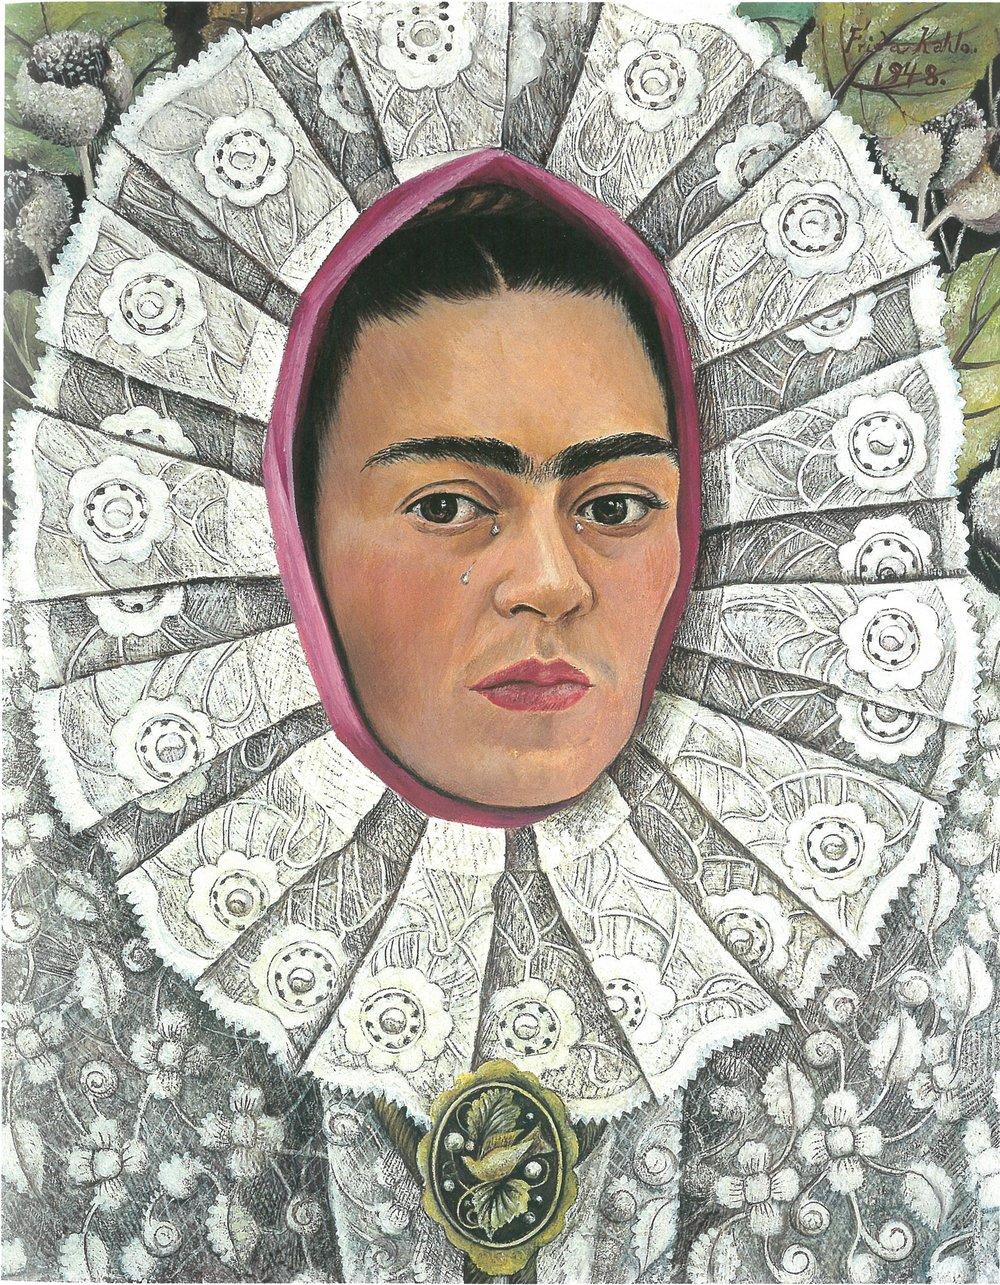 Self-Portrait, Frida Kahlo, 1948  © 2017 Banco de México, Fiduciary of the Trust of the Diego Rivera and Frida Kahlo Museums, Av. 5 de Mayo, No. 2, Col. Centro, Del. Cuauhtémoc, CP 06000, Mexico City.